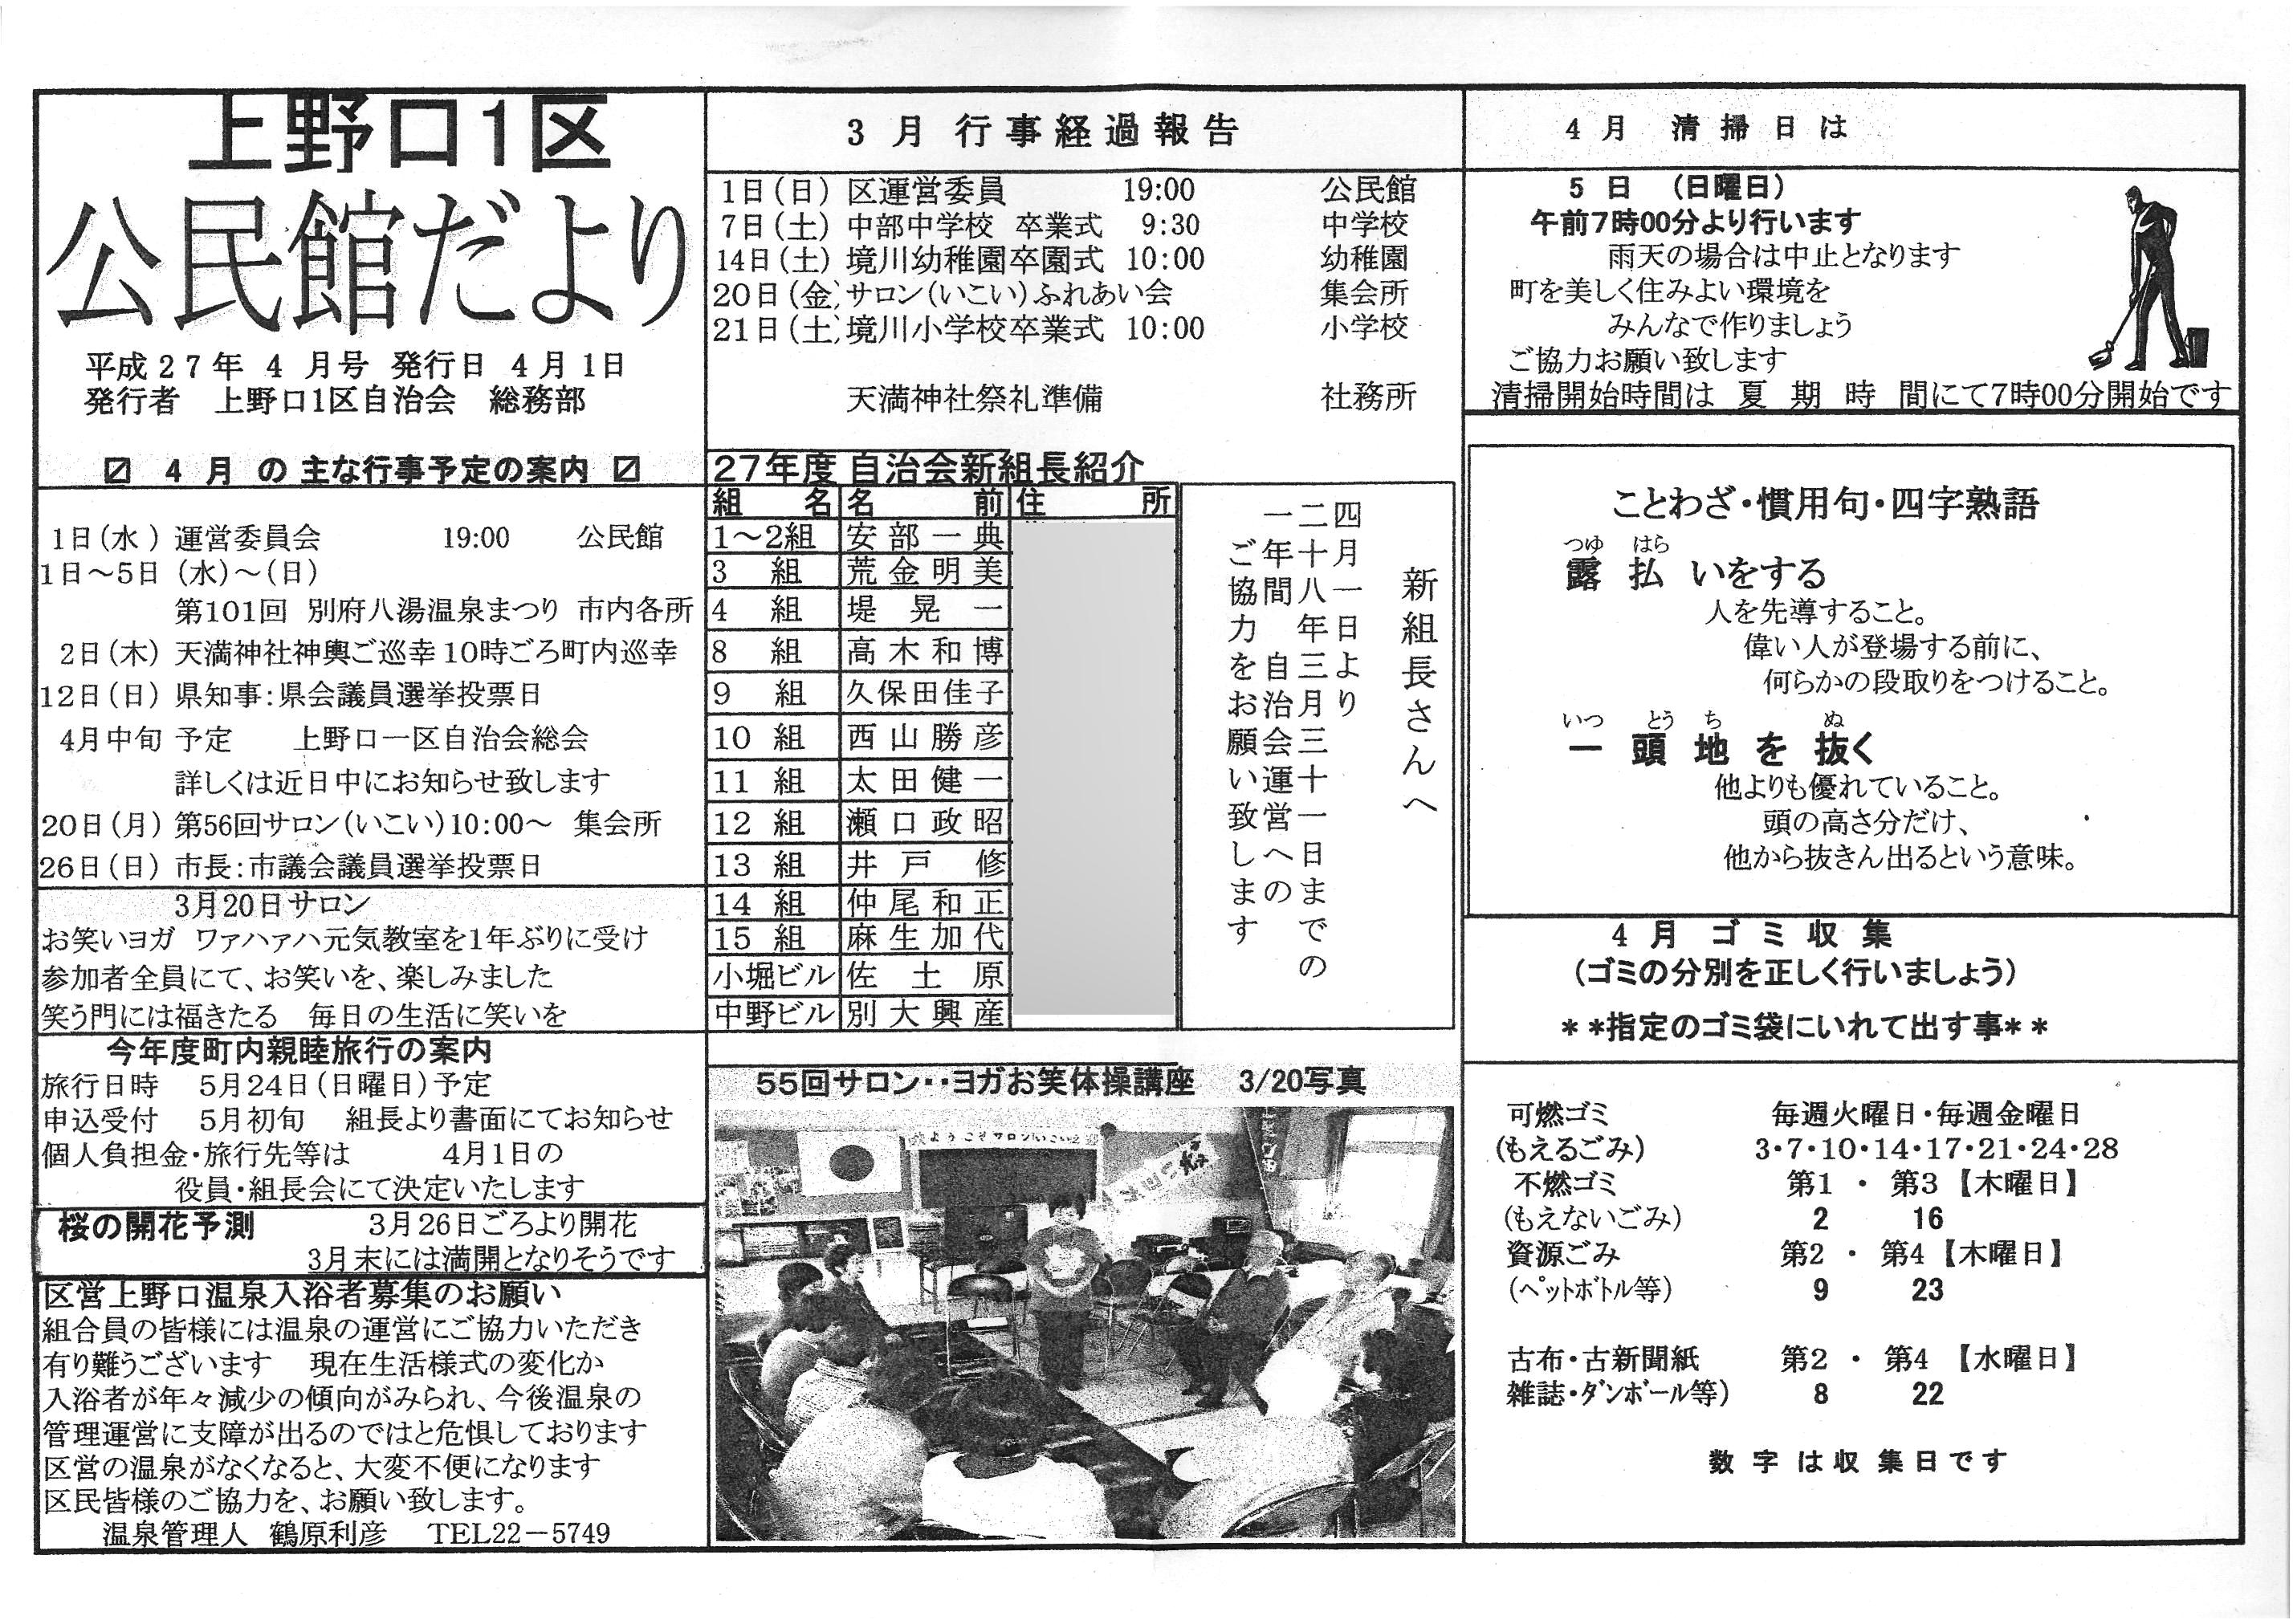 kaminoguchi1ku_2015_04